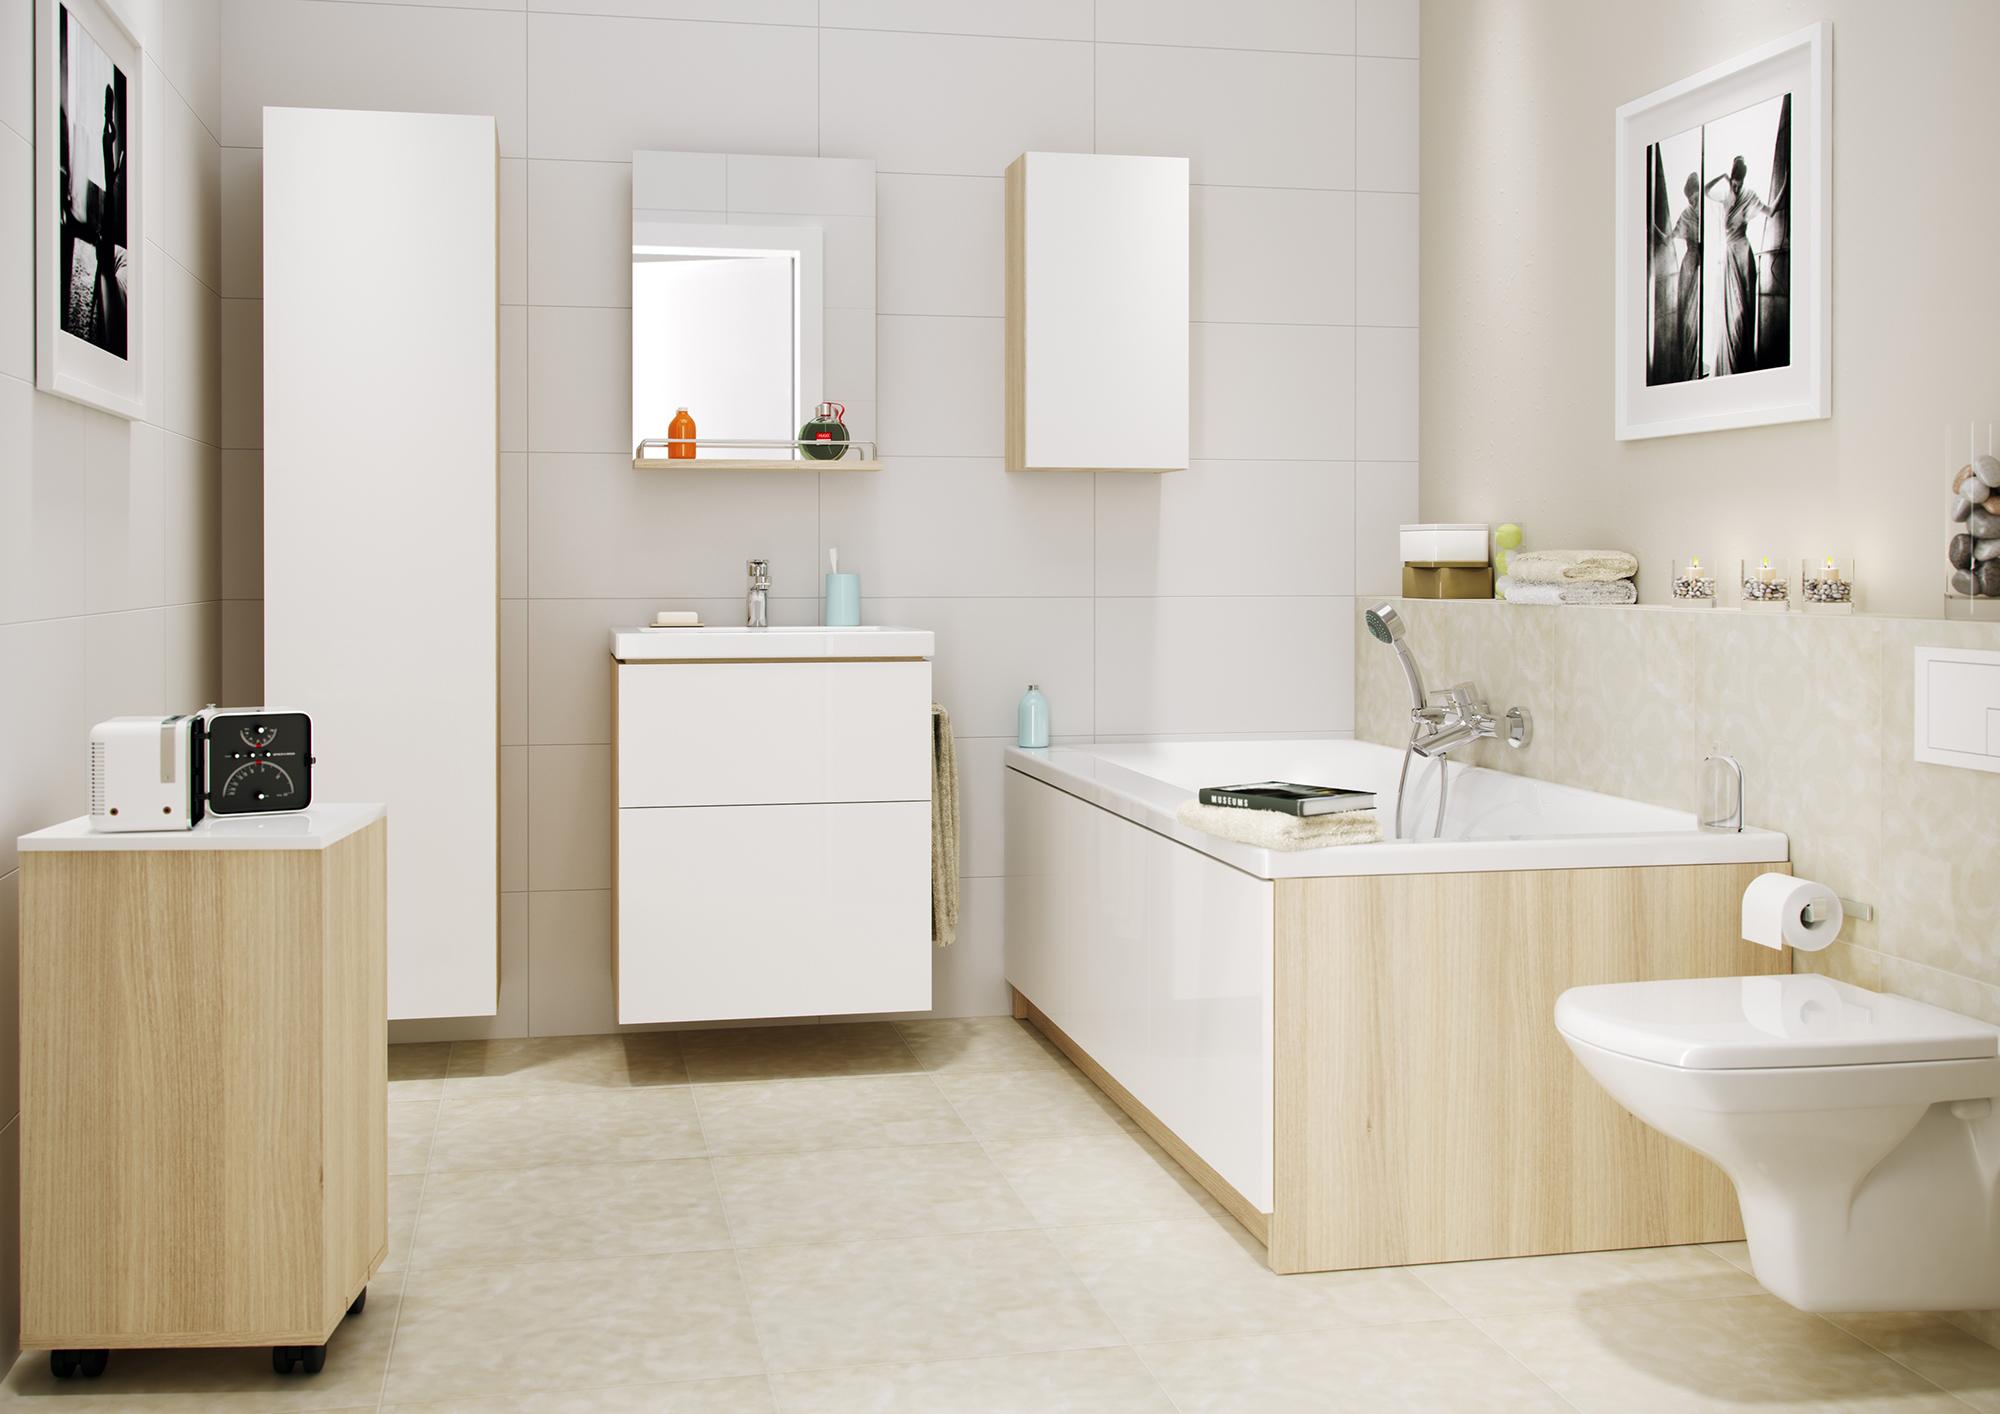 Подвесная бежево-белая тумба в ванной